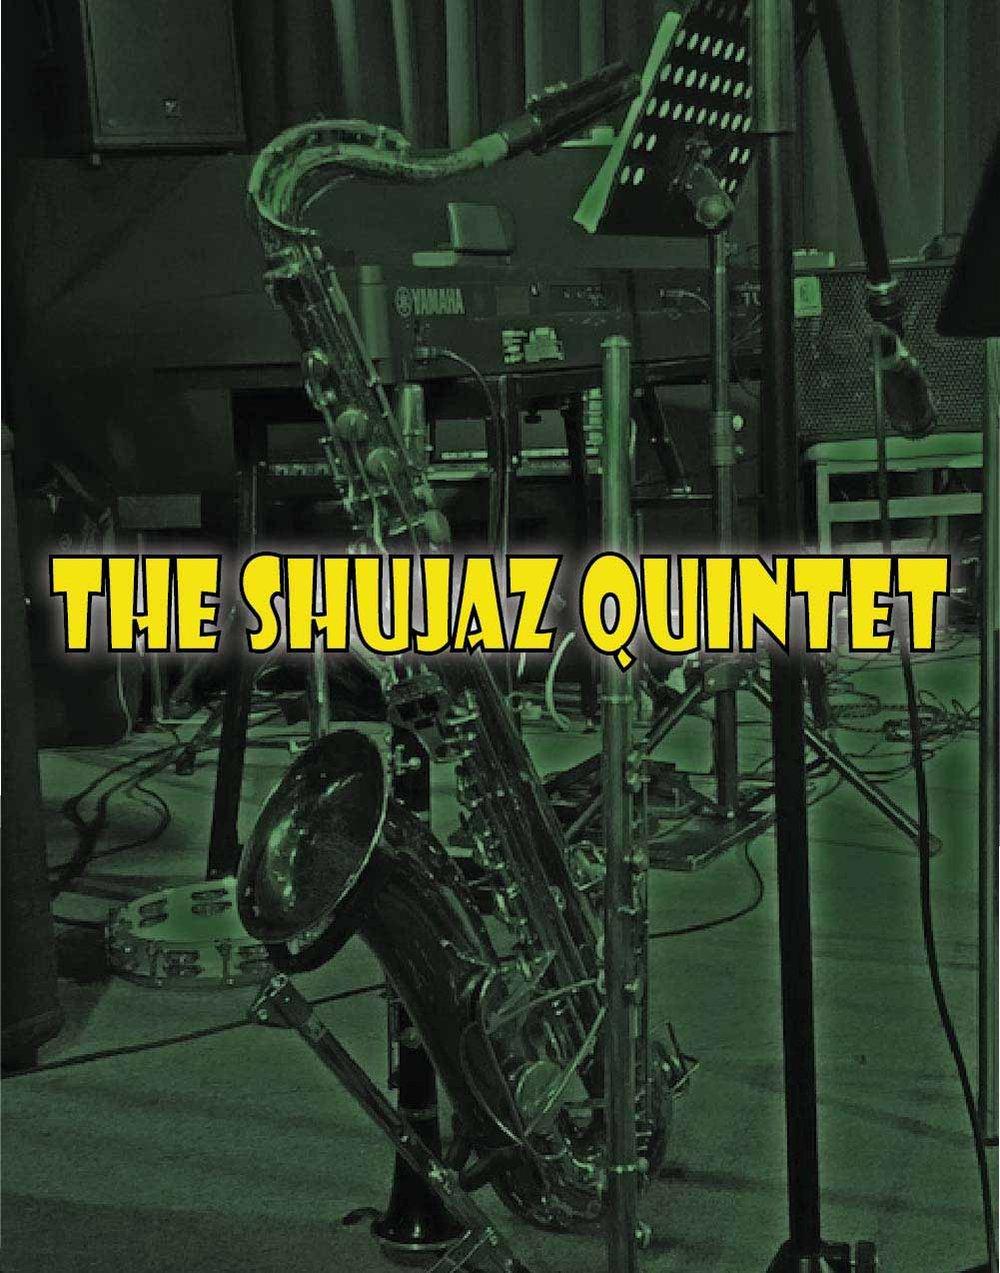 ShuJaz Quintet.jpg